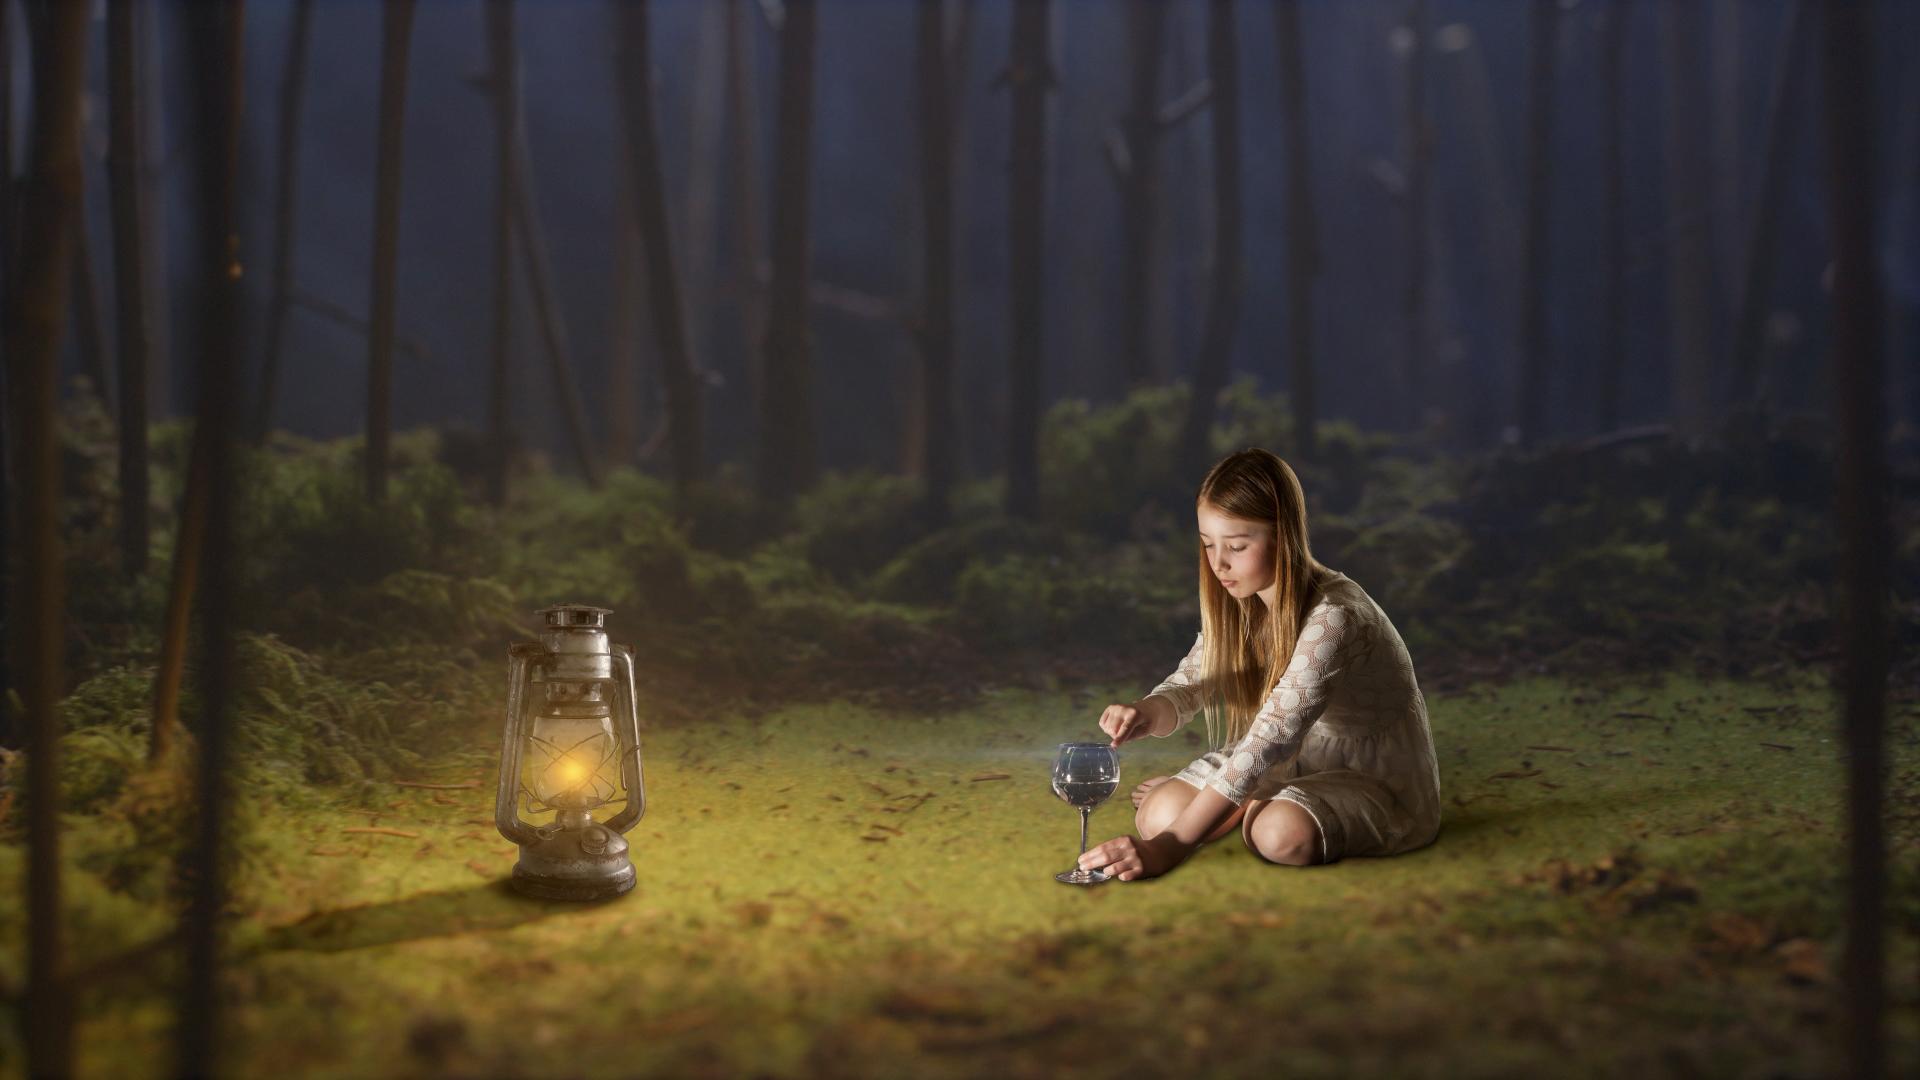 Jenta-i-skogen-v1.jpg